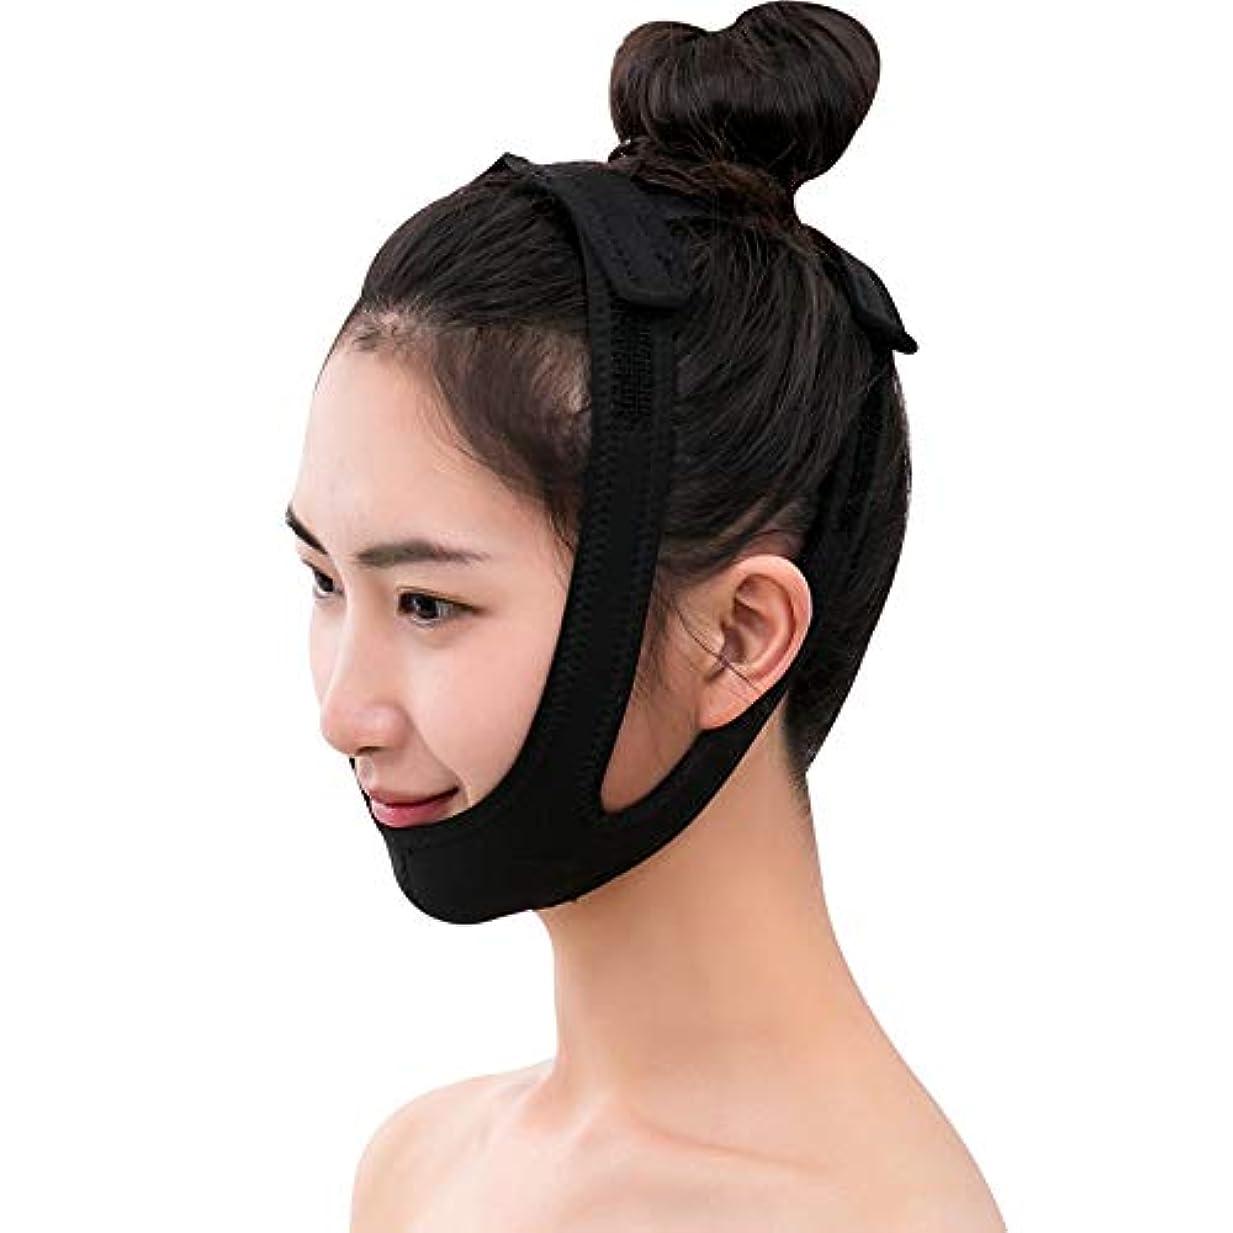 強制ファセットかかわらずRui Peng フェイスリフティングベルト シンフェイスバンド - シンフェイスバンデージ美容機器フェイシャルリフト睡眠マスク法Vフェイスマスクを通気性にする